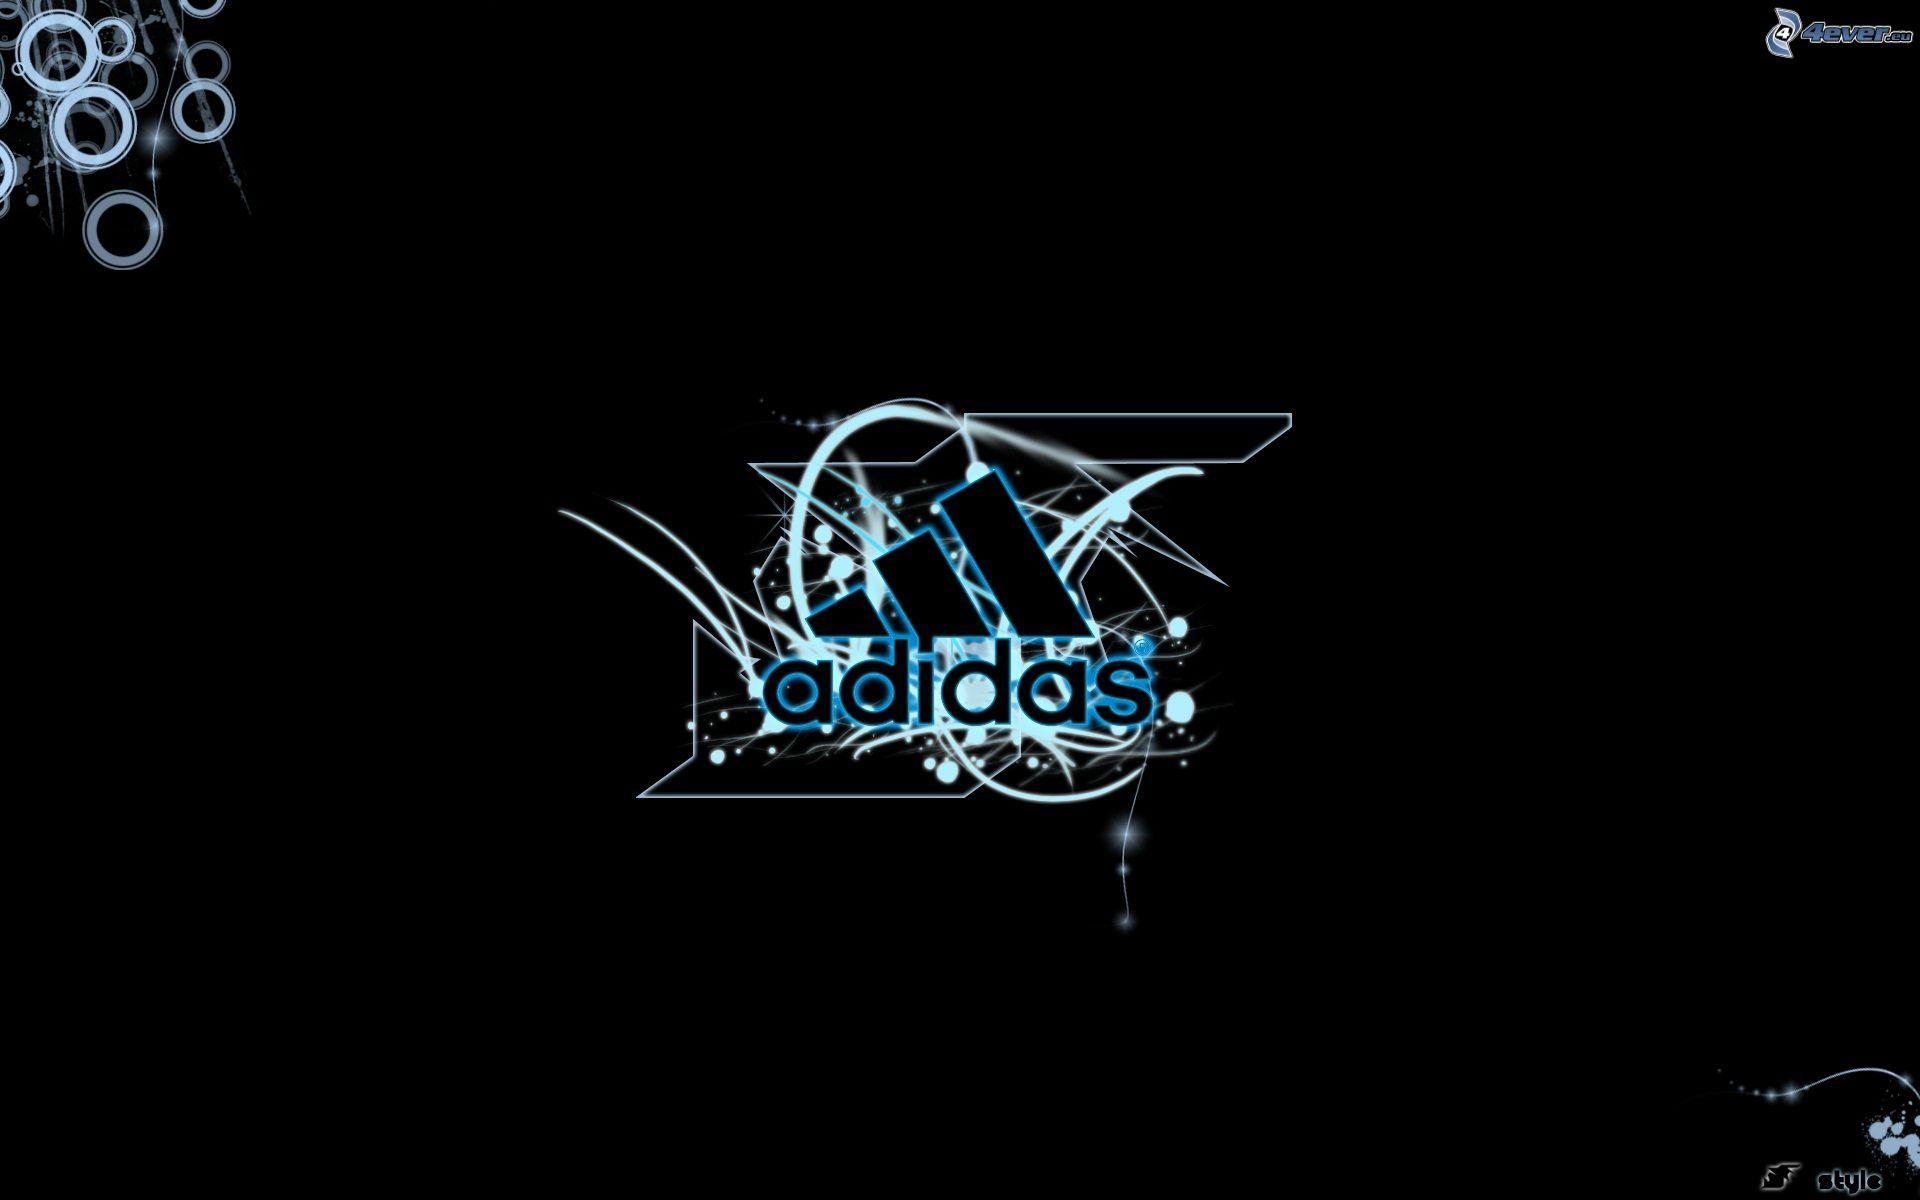 Adidas descargar la imagen voltagebd Image collections